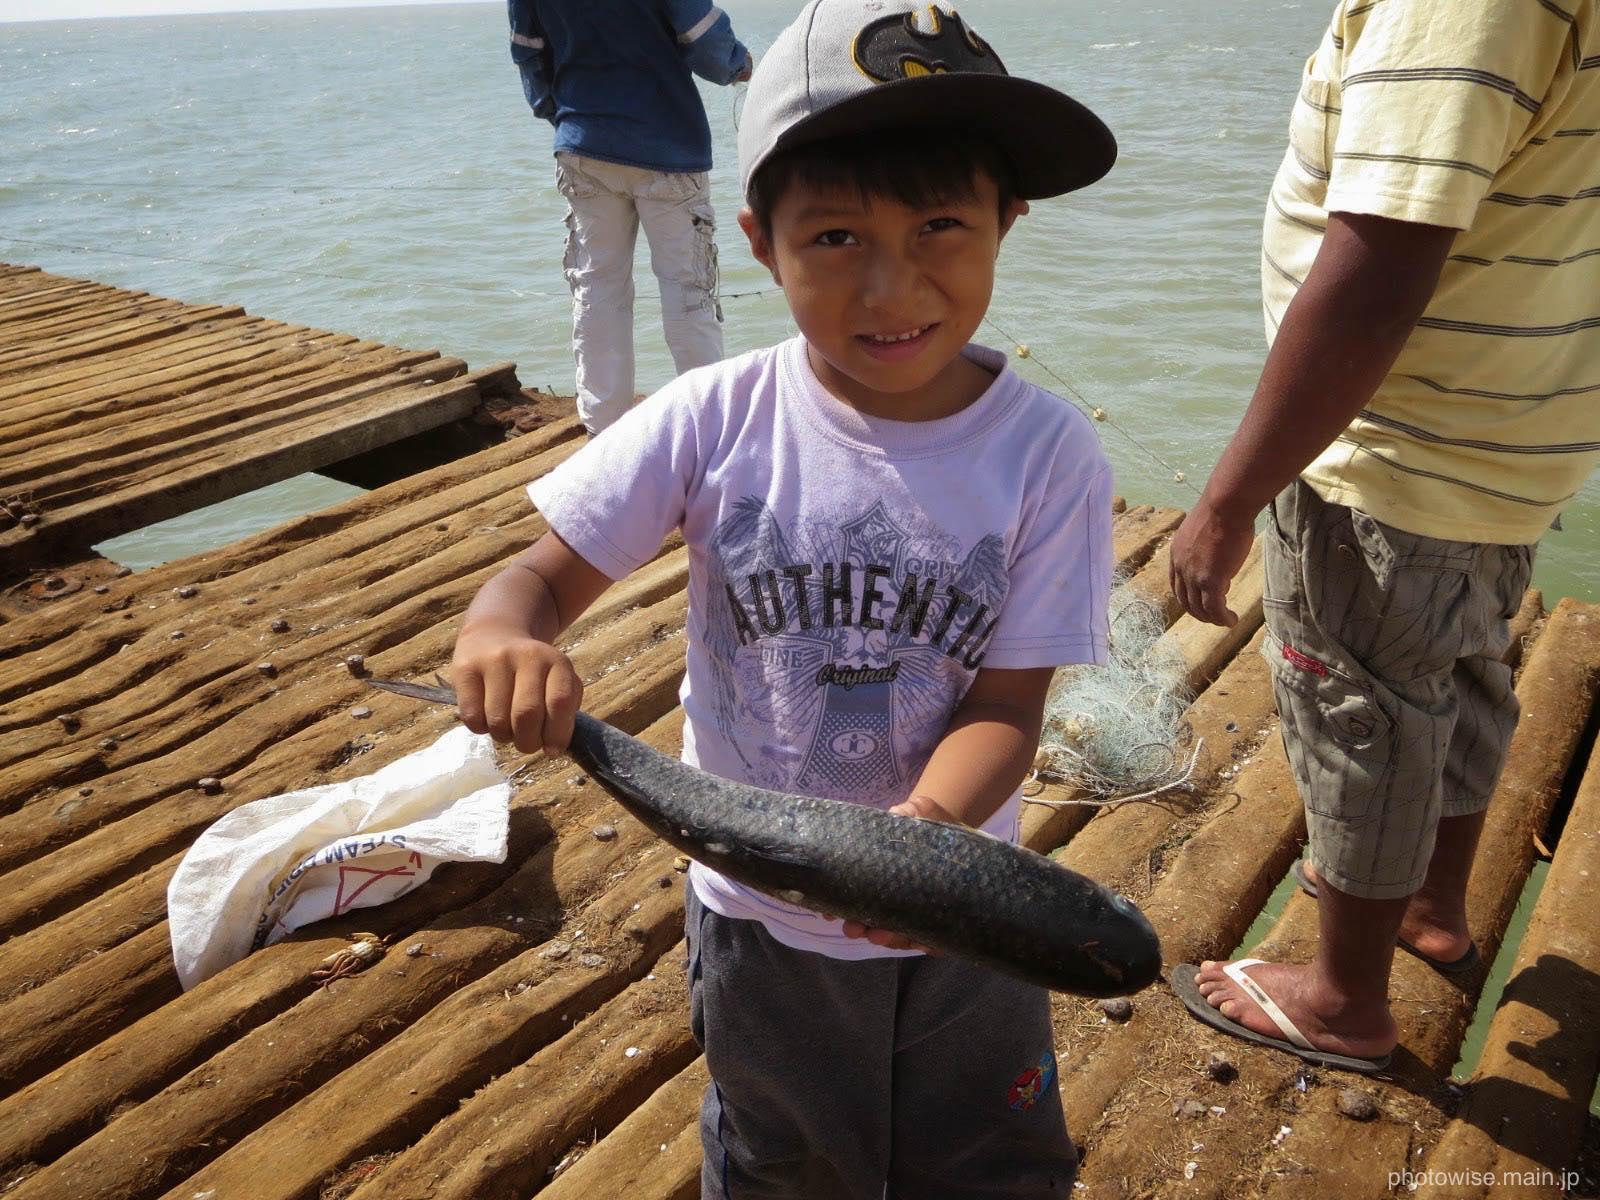 魚釣りをする人々